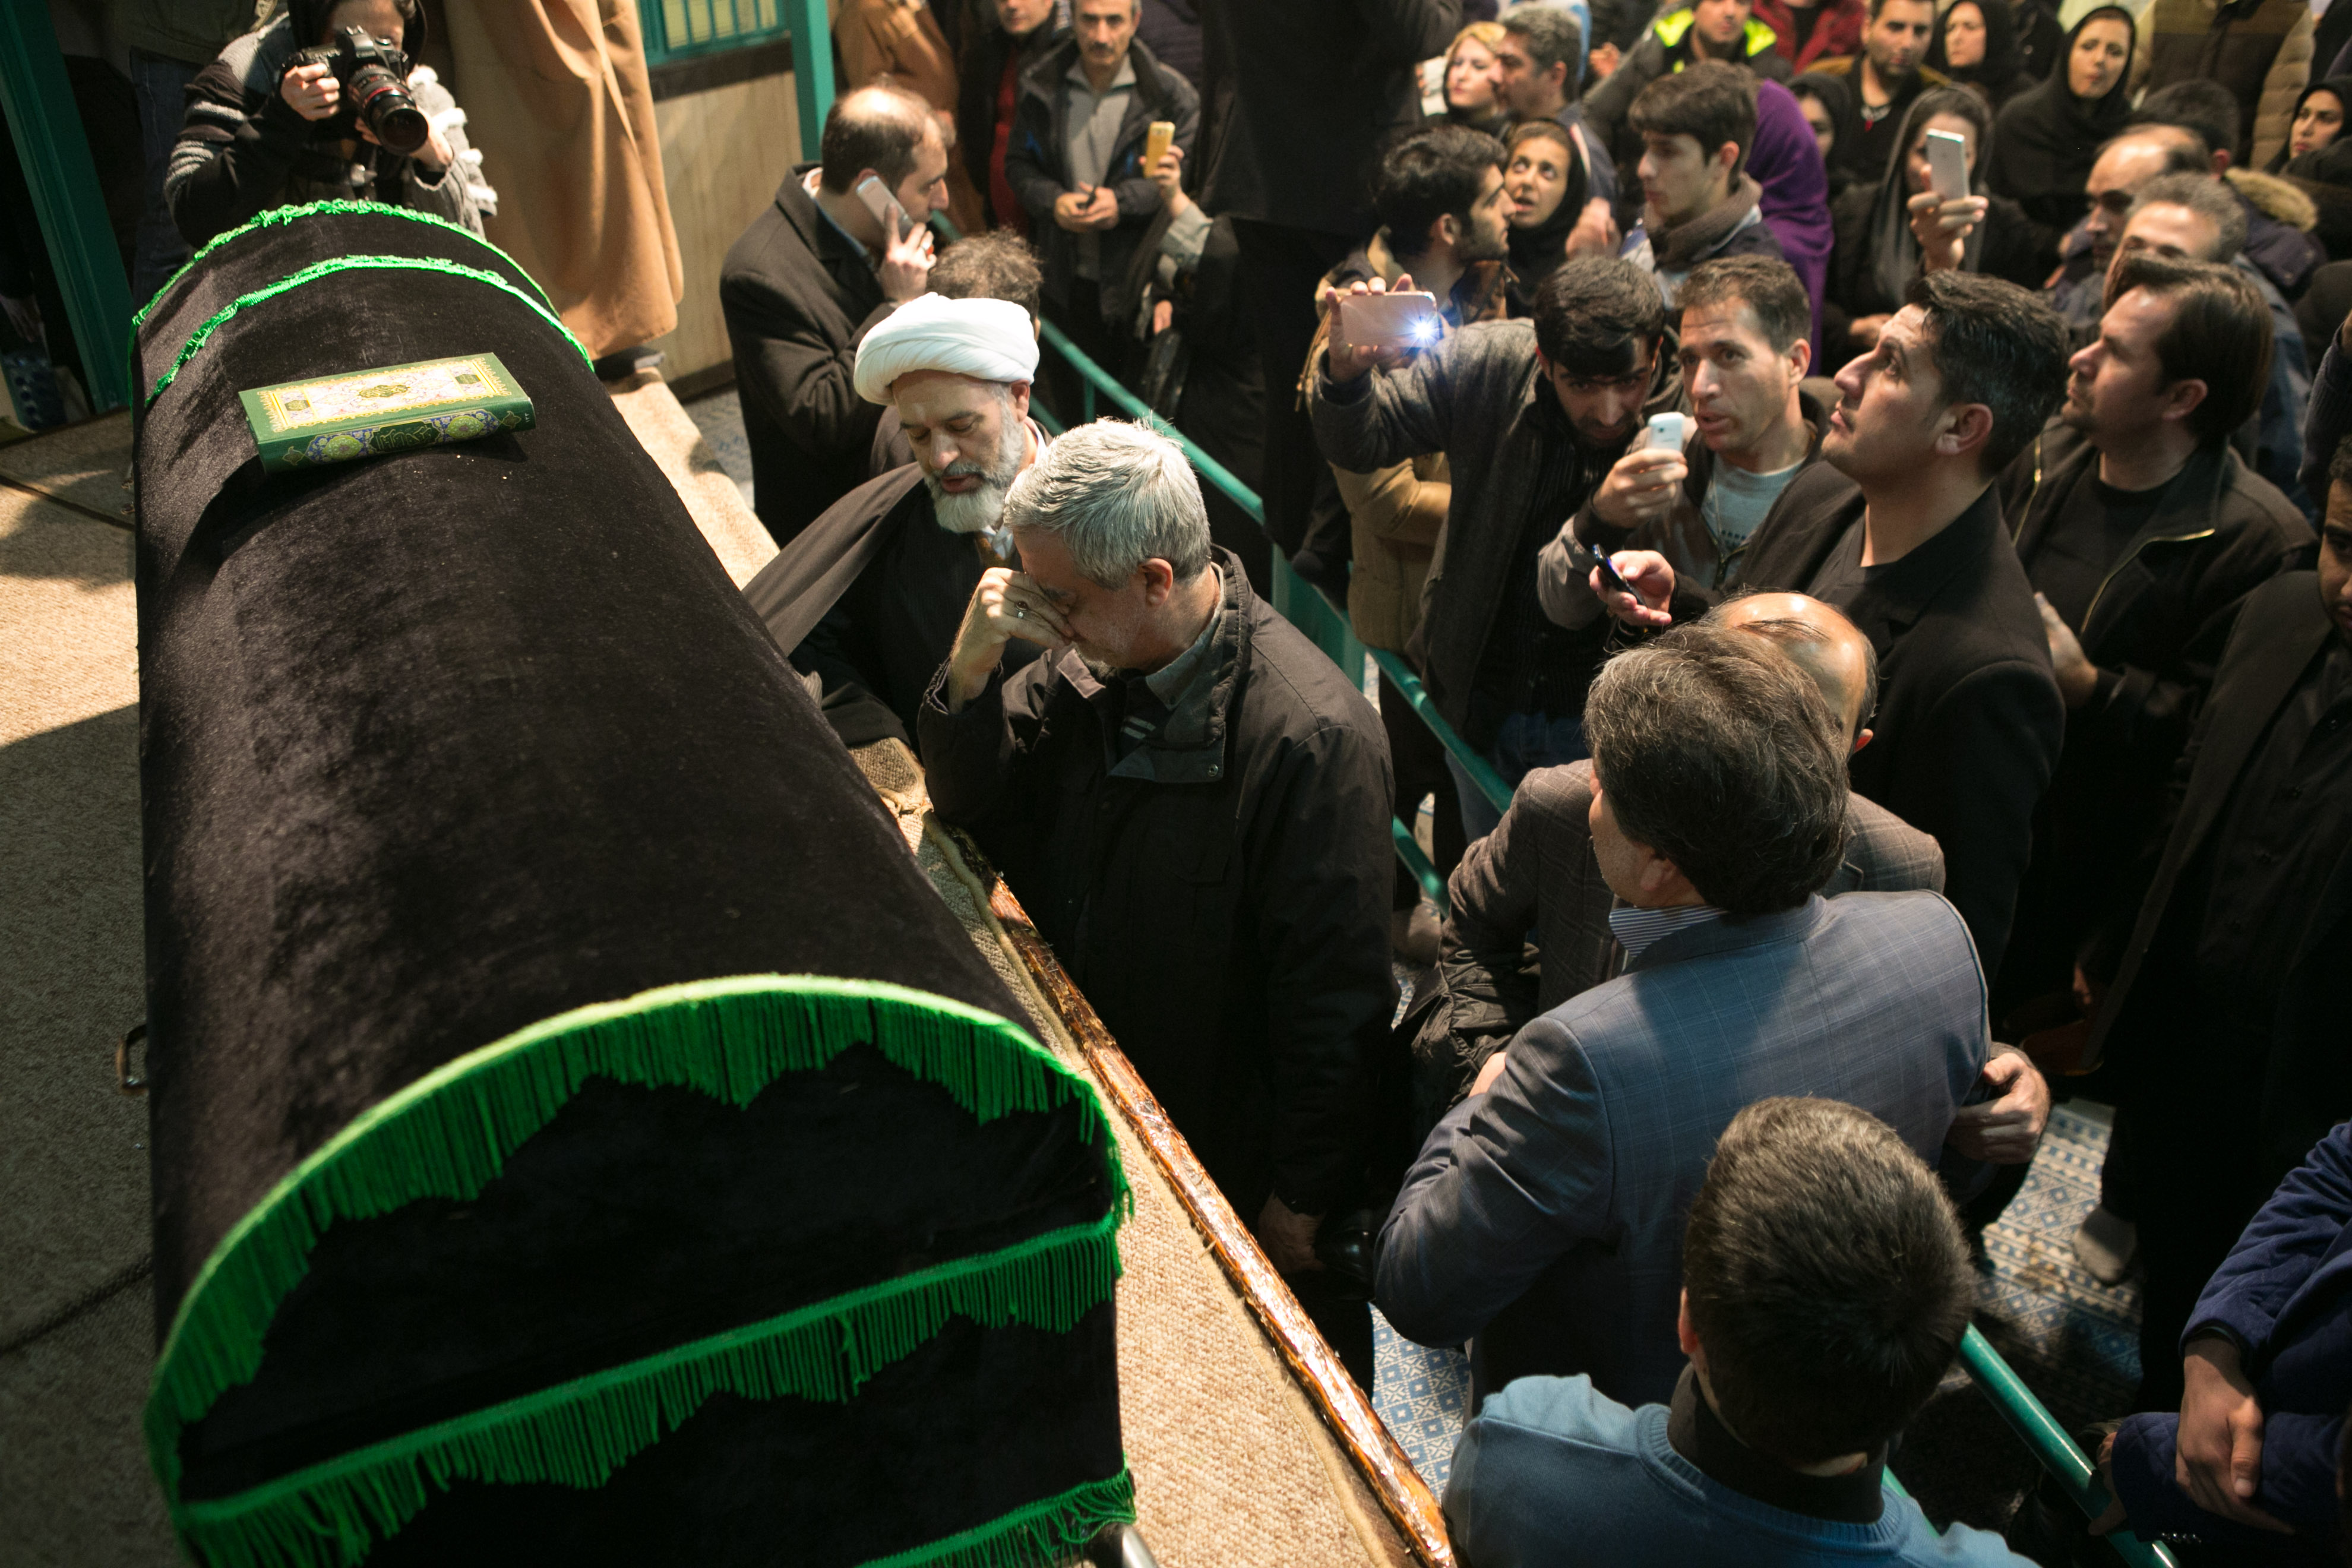 1月8日,在伊朗德黑兰的贾马兰清真寺,人们在伊朗前总统阿克巴尔·哈什米·拉夫桑贾尼的灵柩旁悼念。 新华社发(艾哈迈德摄)